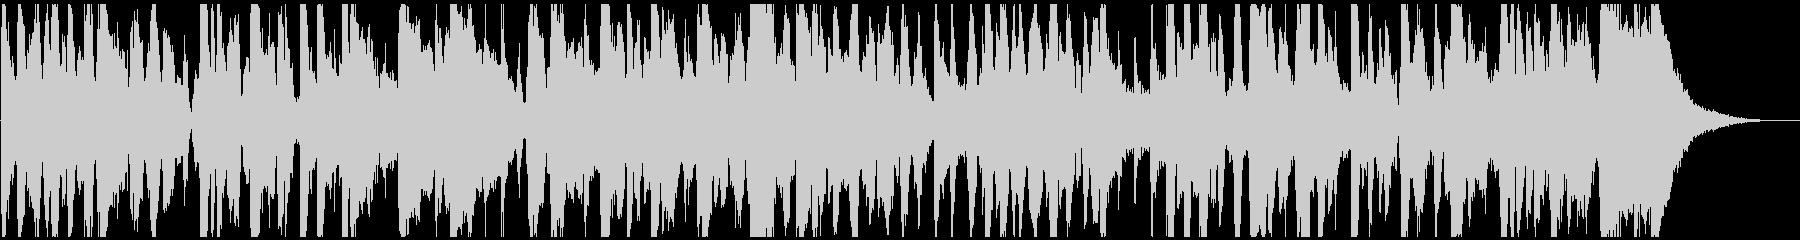 生音バイオリンのレトロで軽快なワルツの未再生の波形